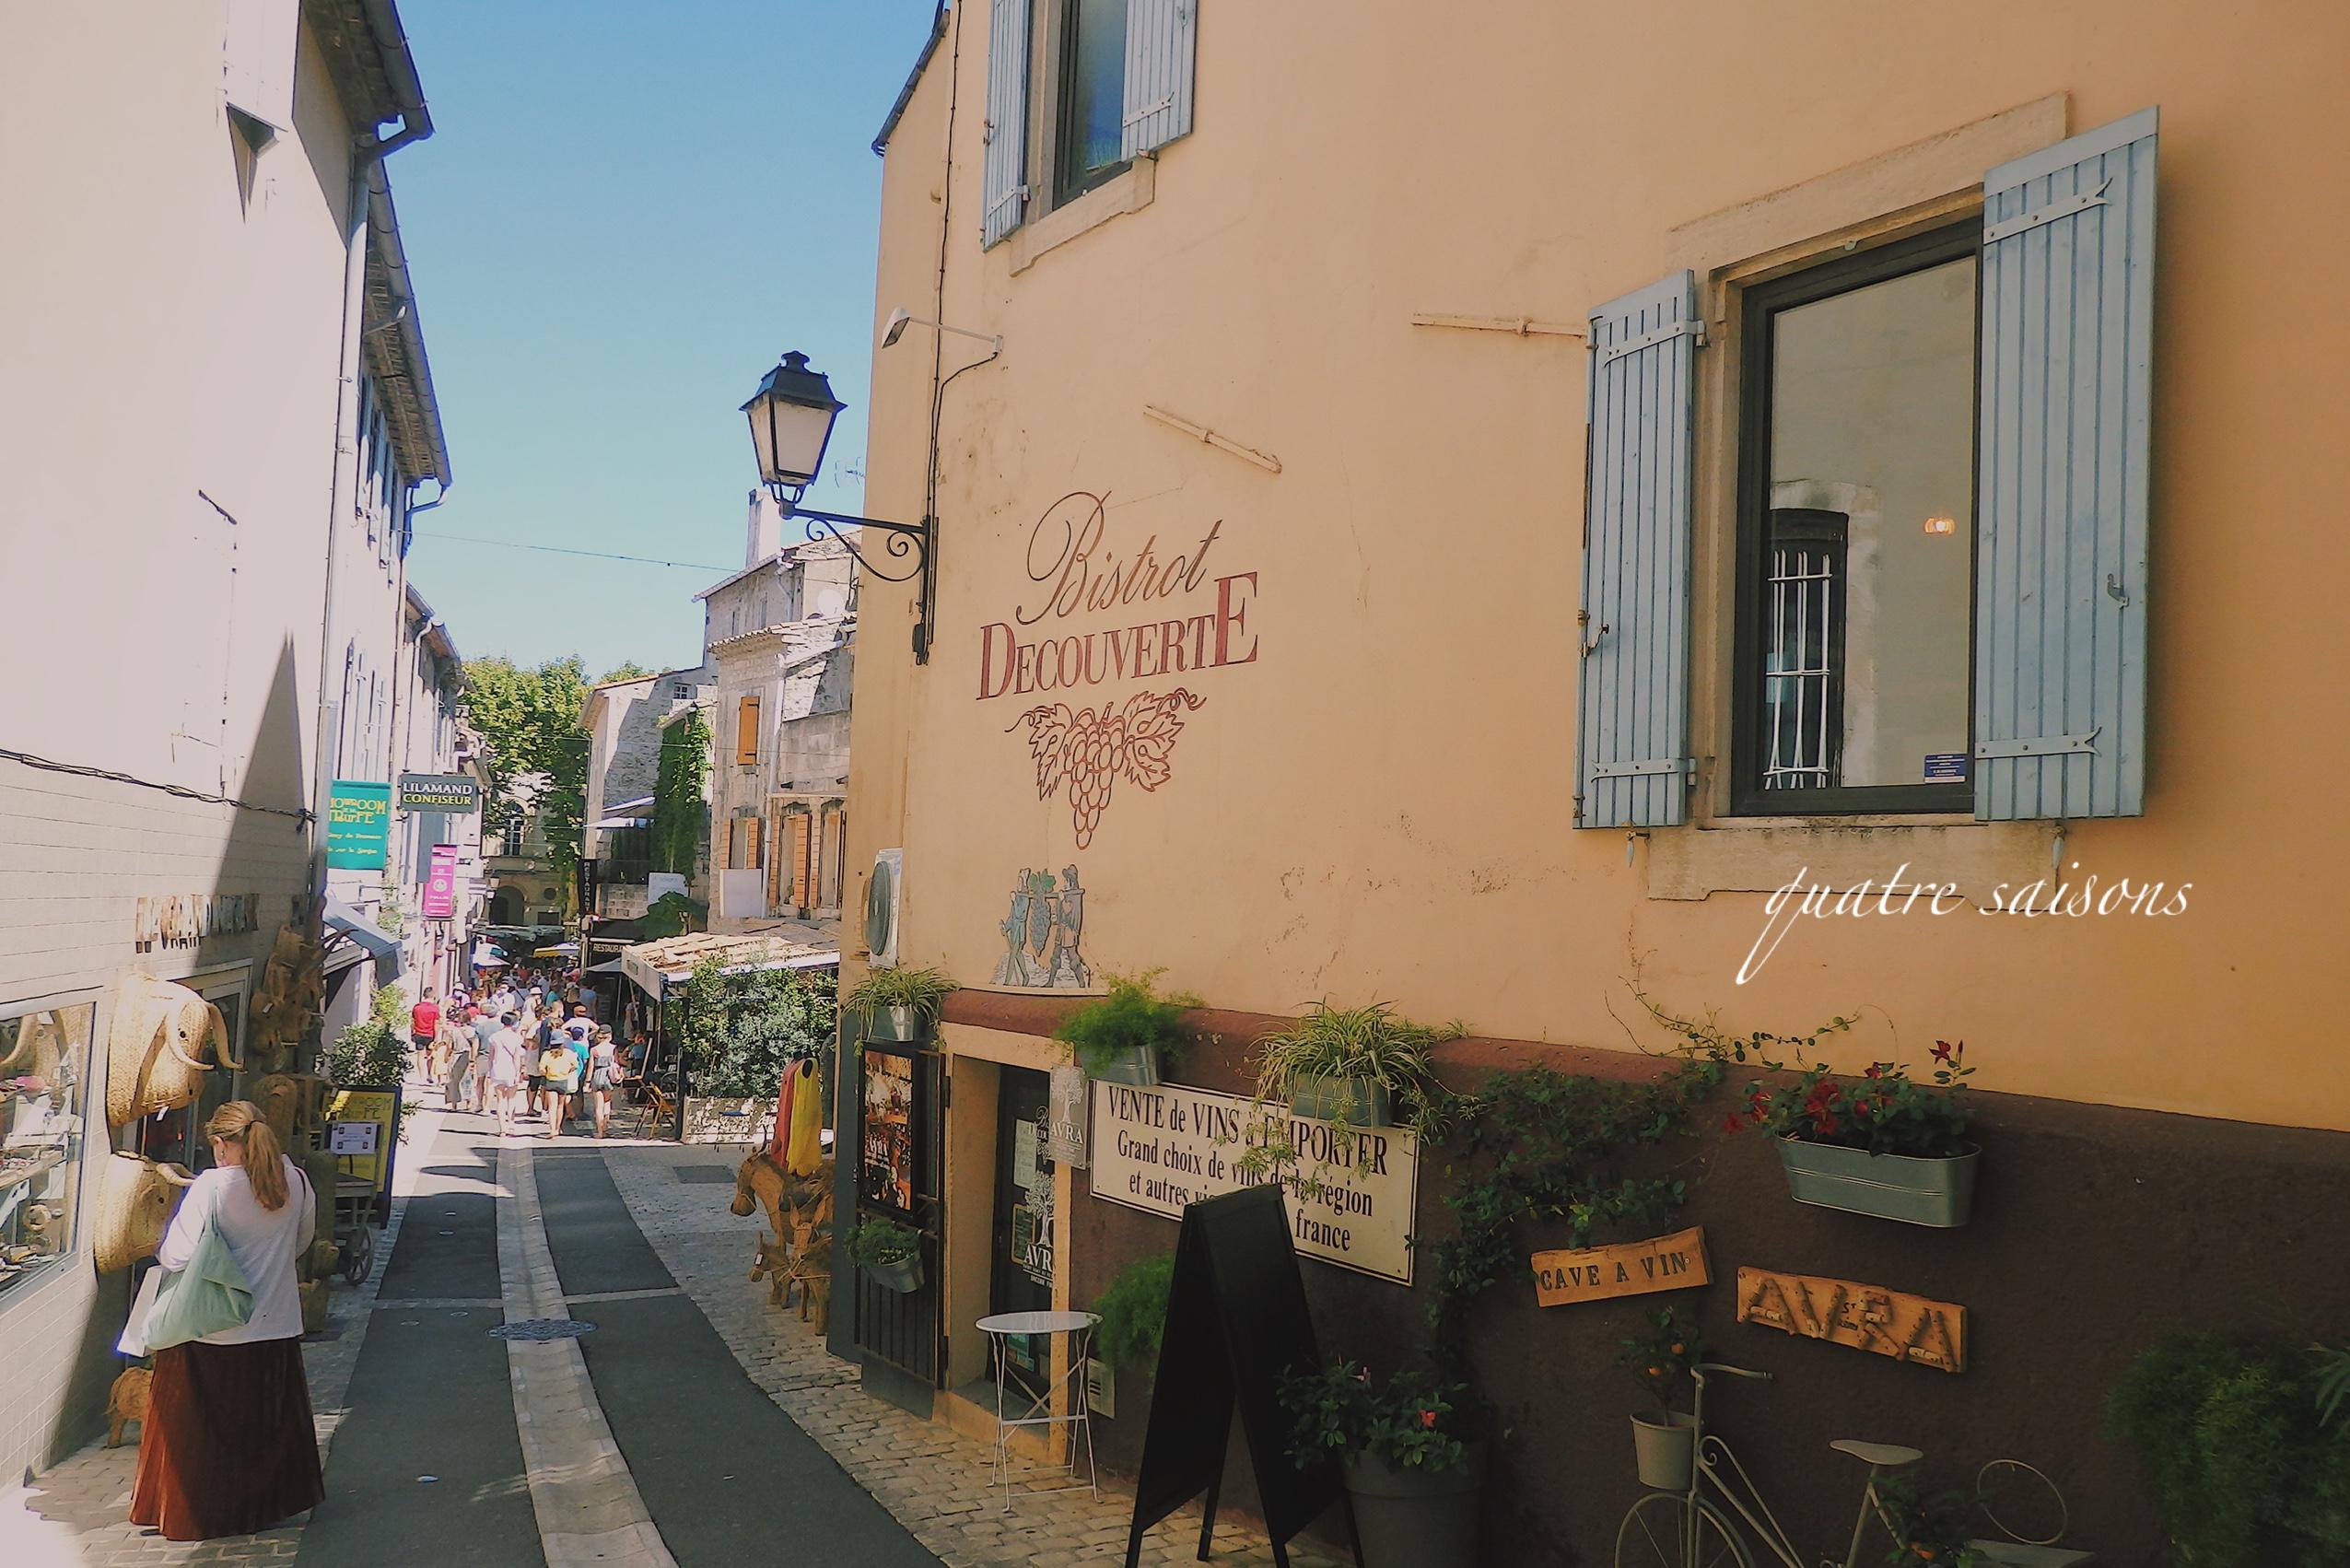 サン・レミ・ド・プロヴァンスの街並み